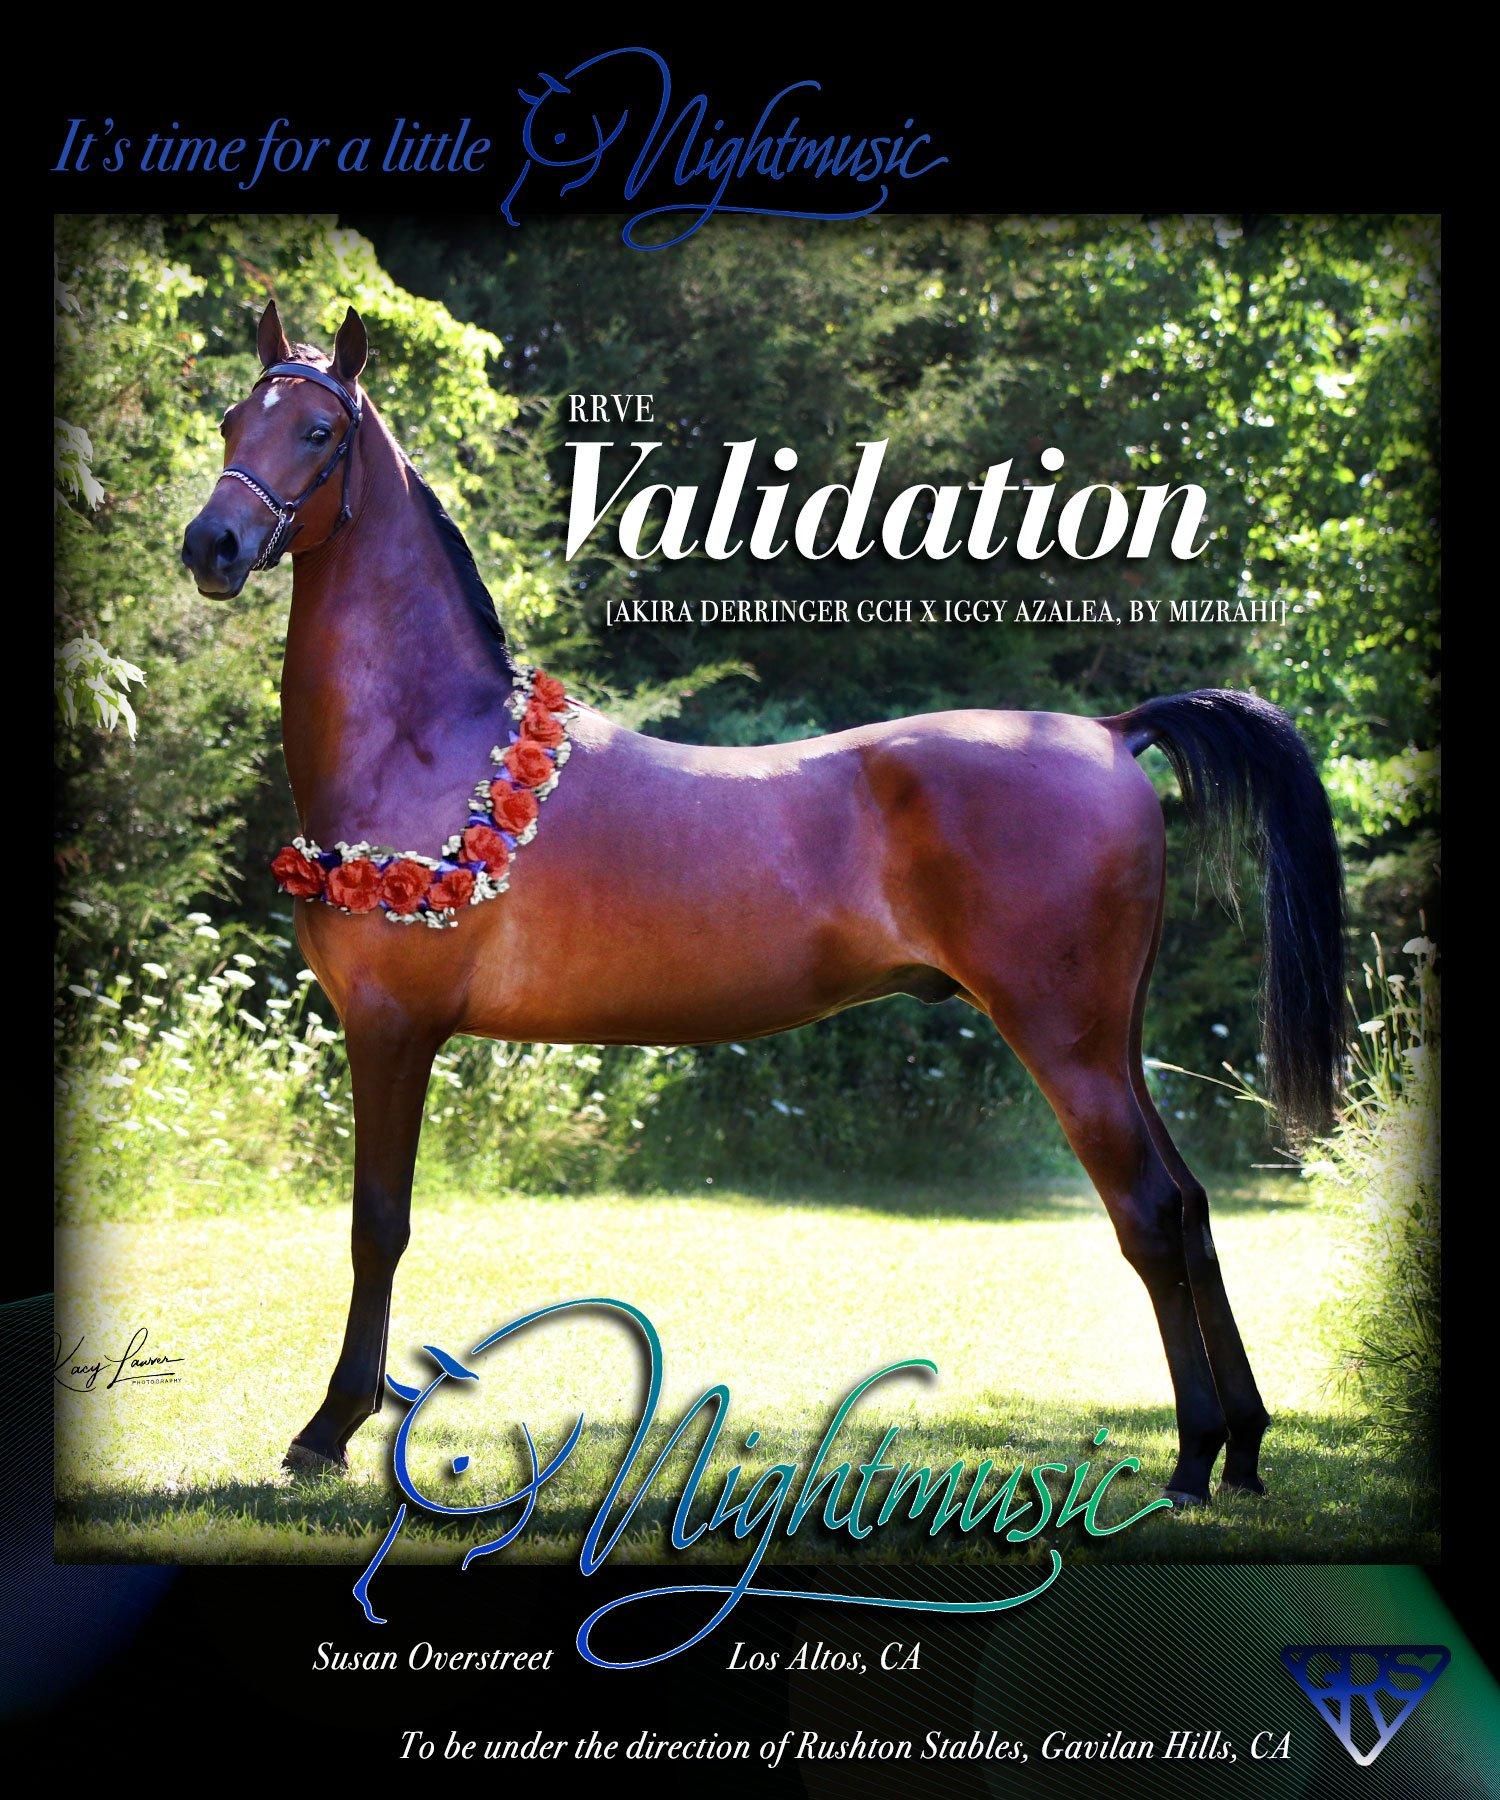 RRVE-Validation-Sold-Dec2020-4